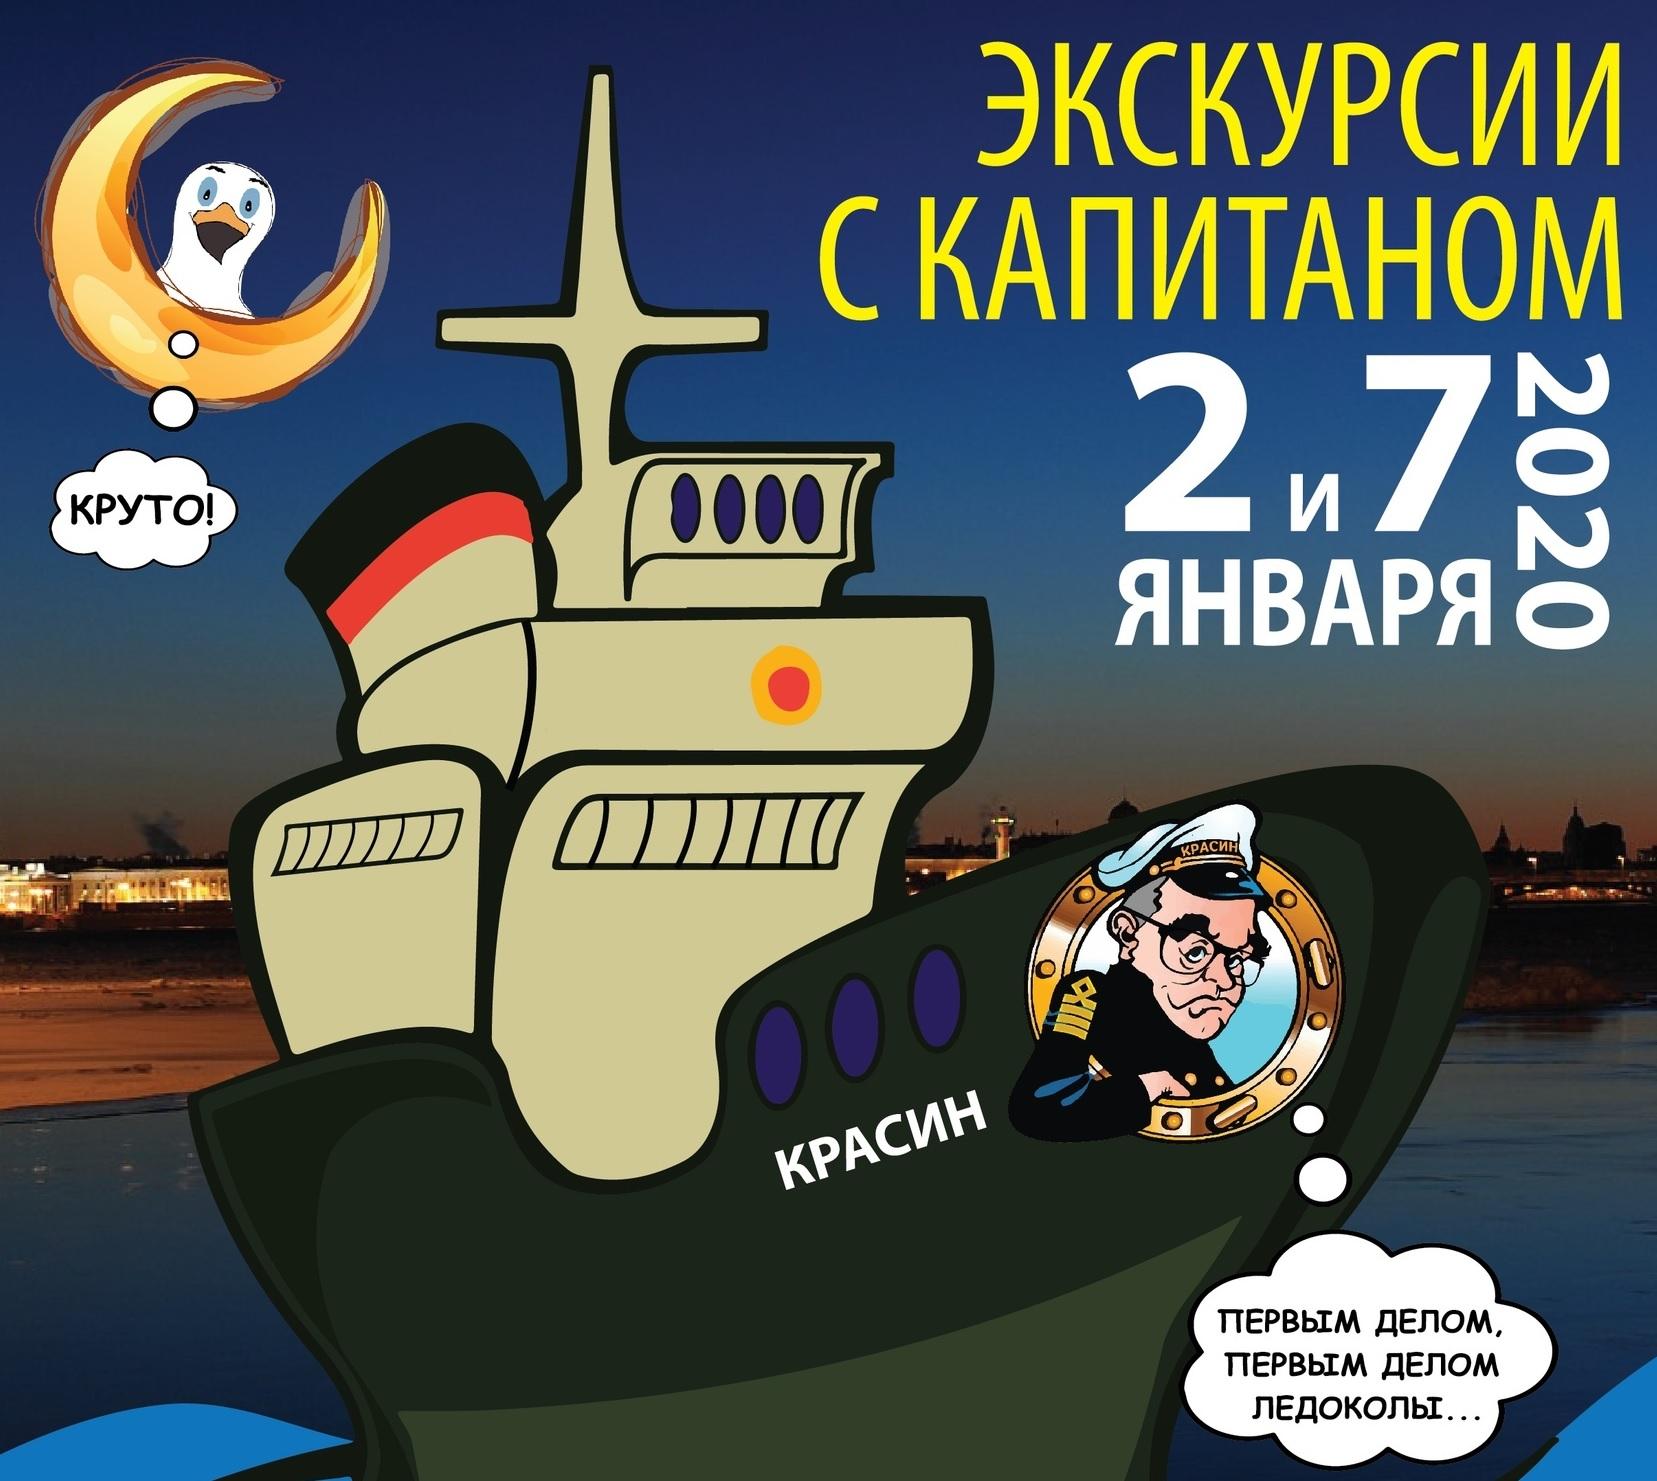 Приглашаем 2 и 7 января на экскурсии с капитаном